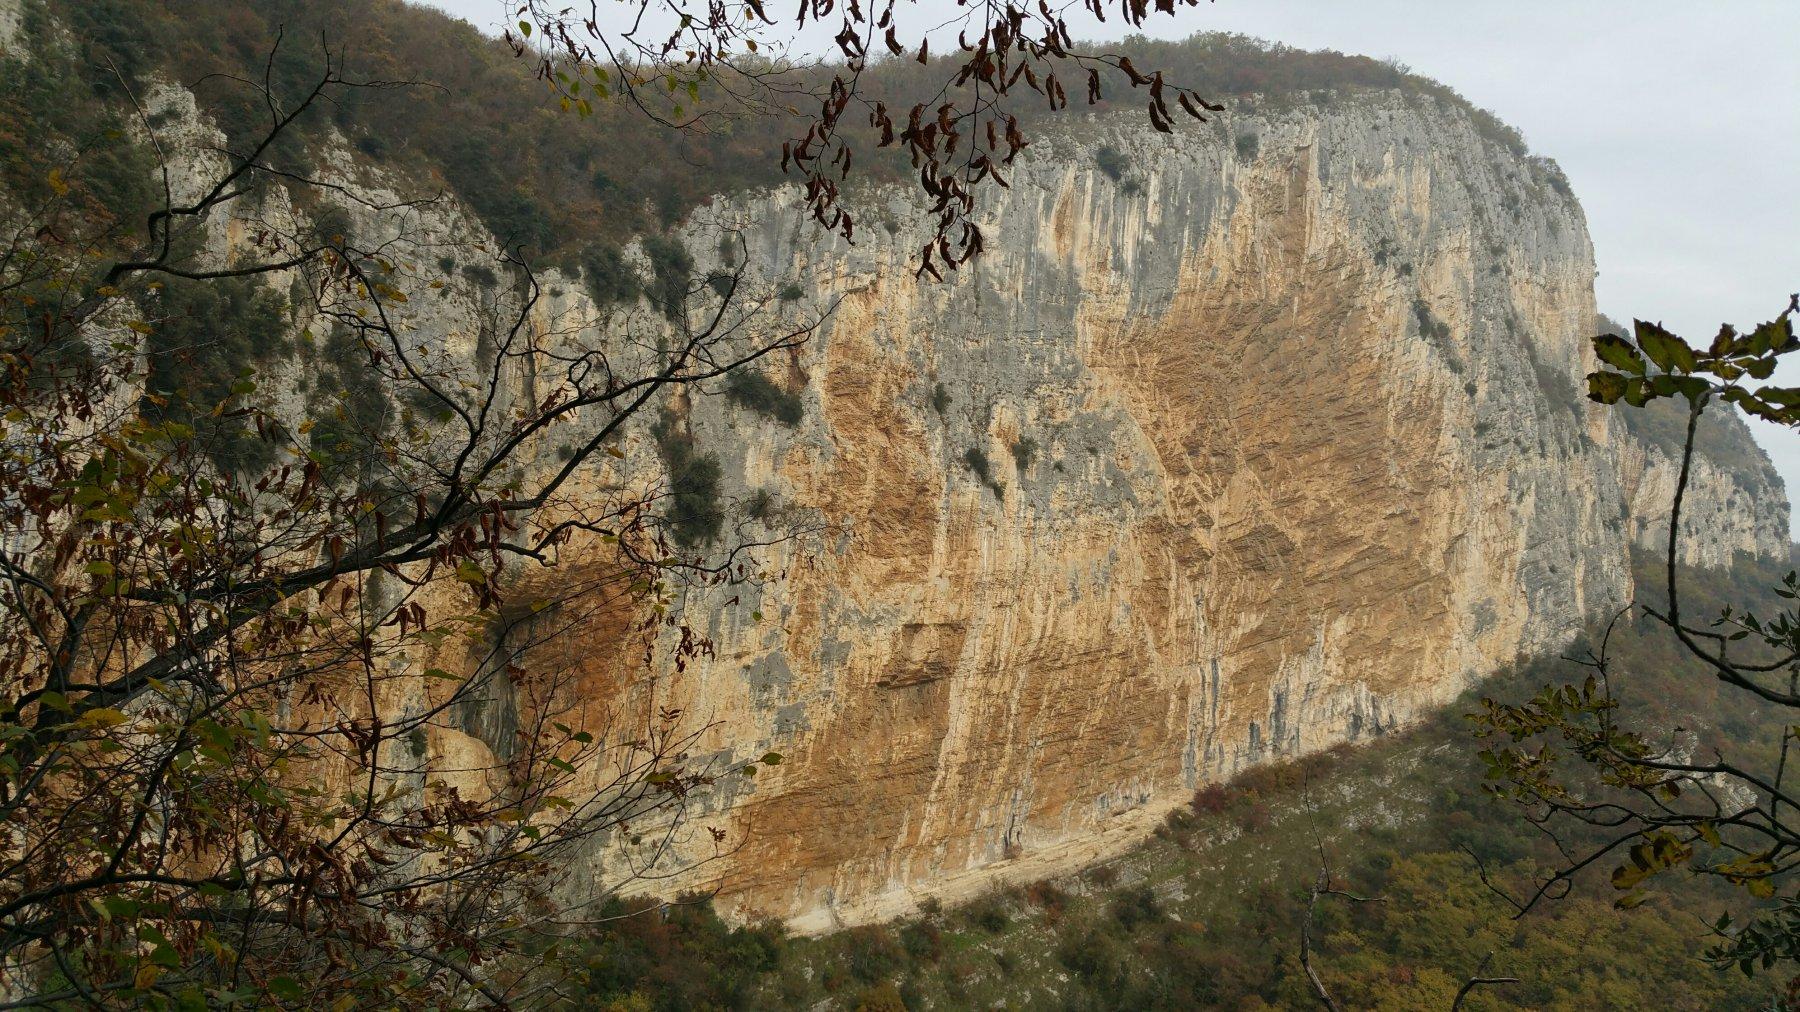 L'imponente parete